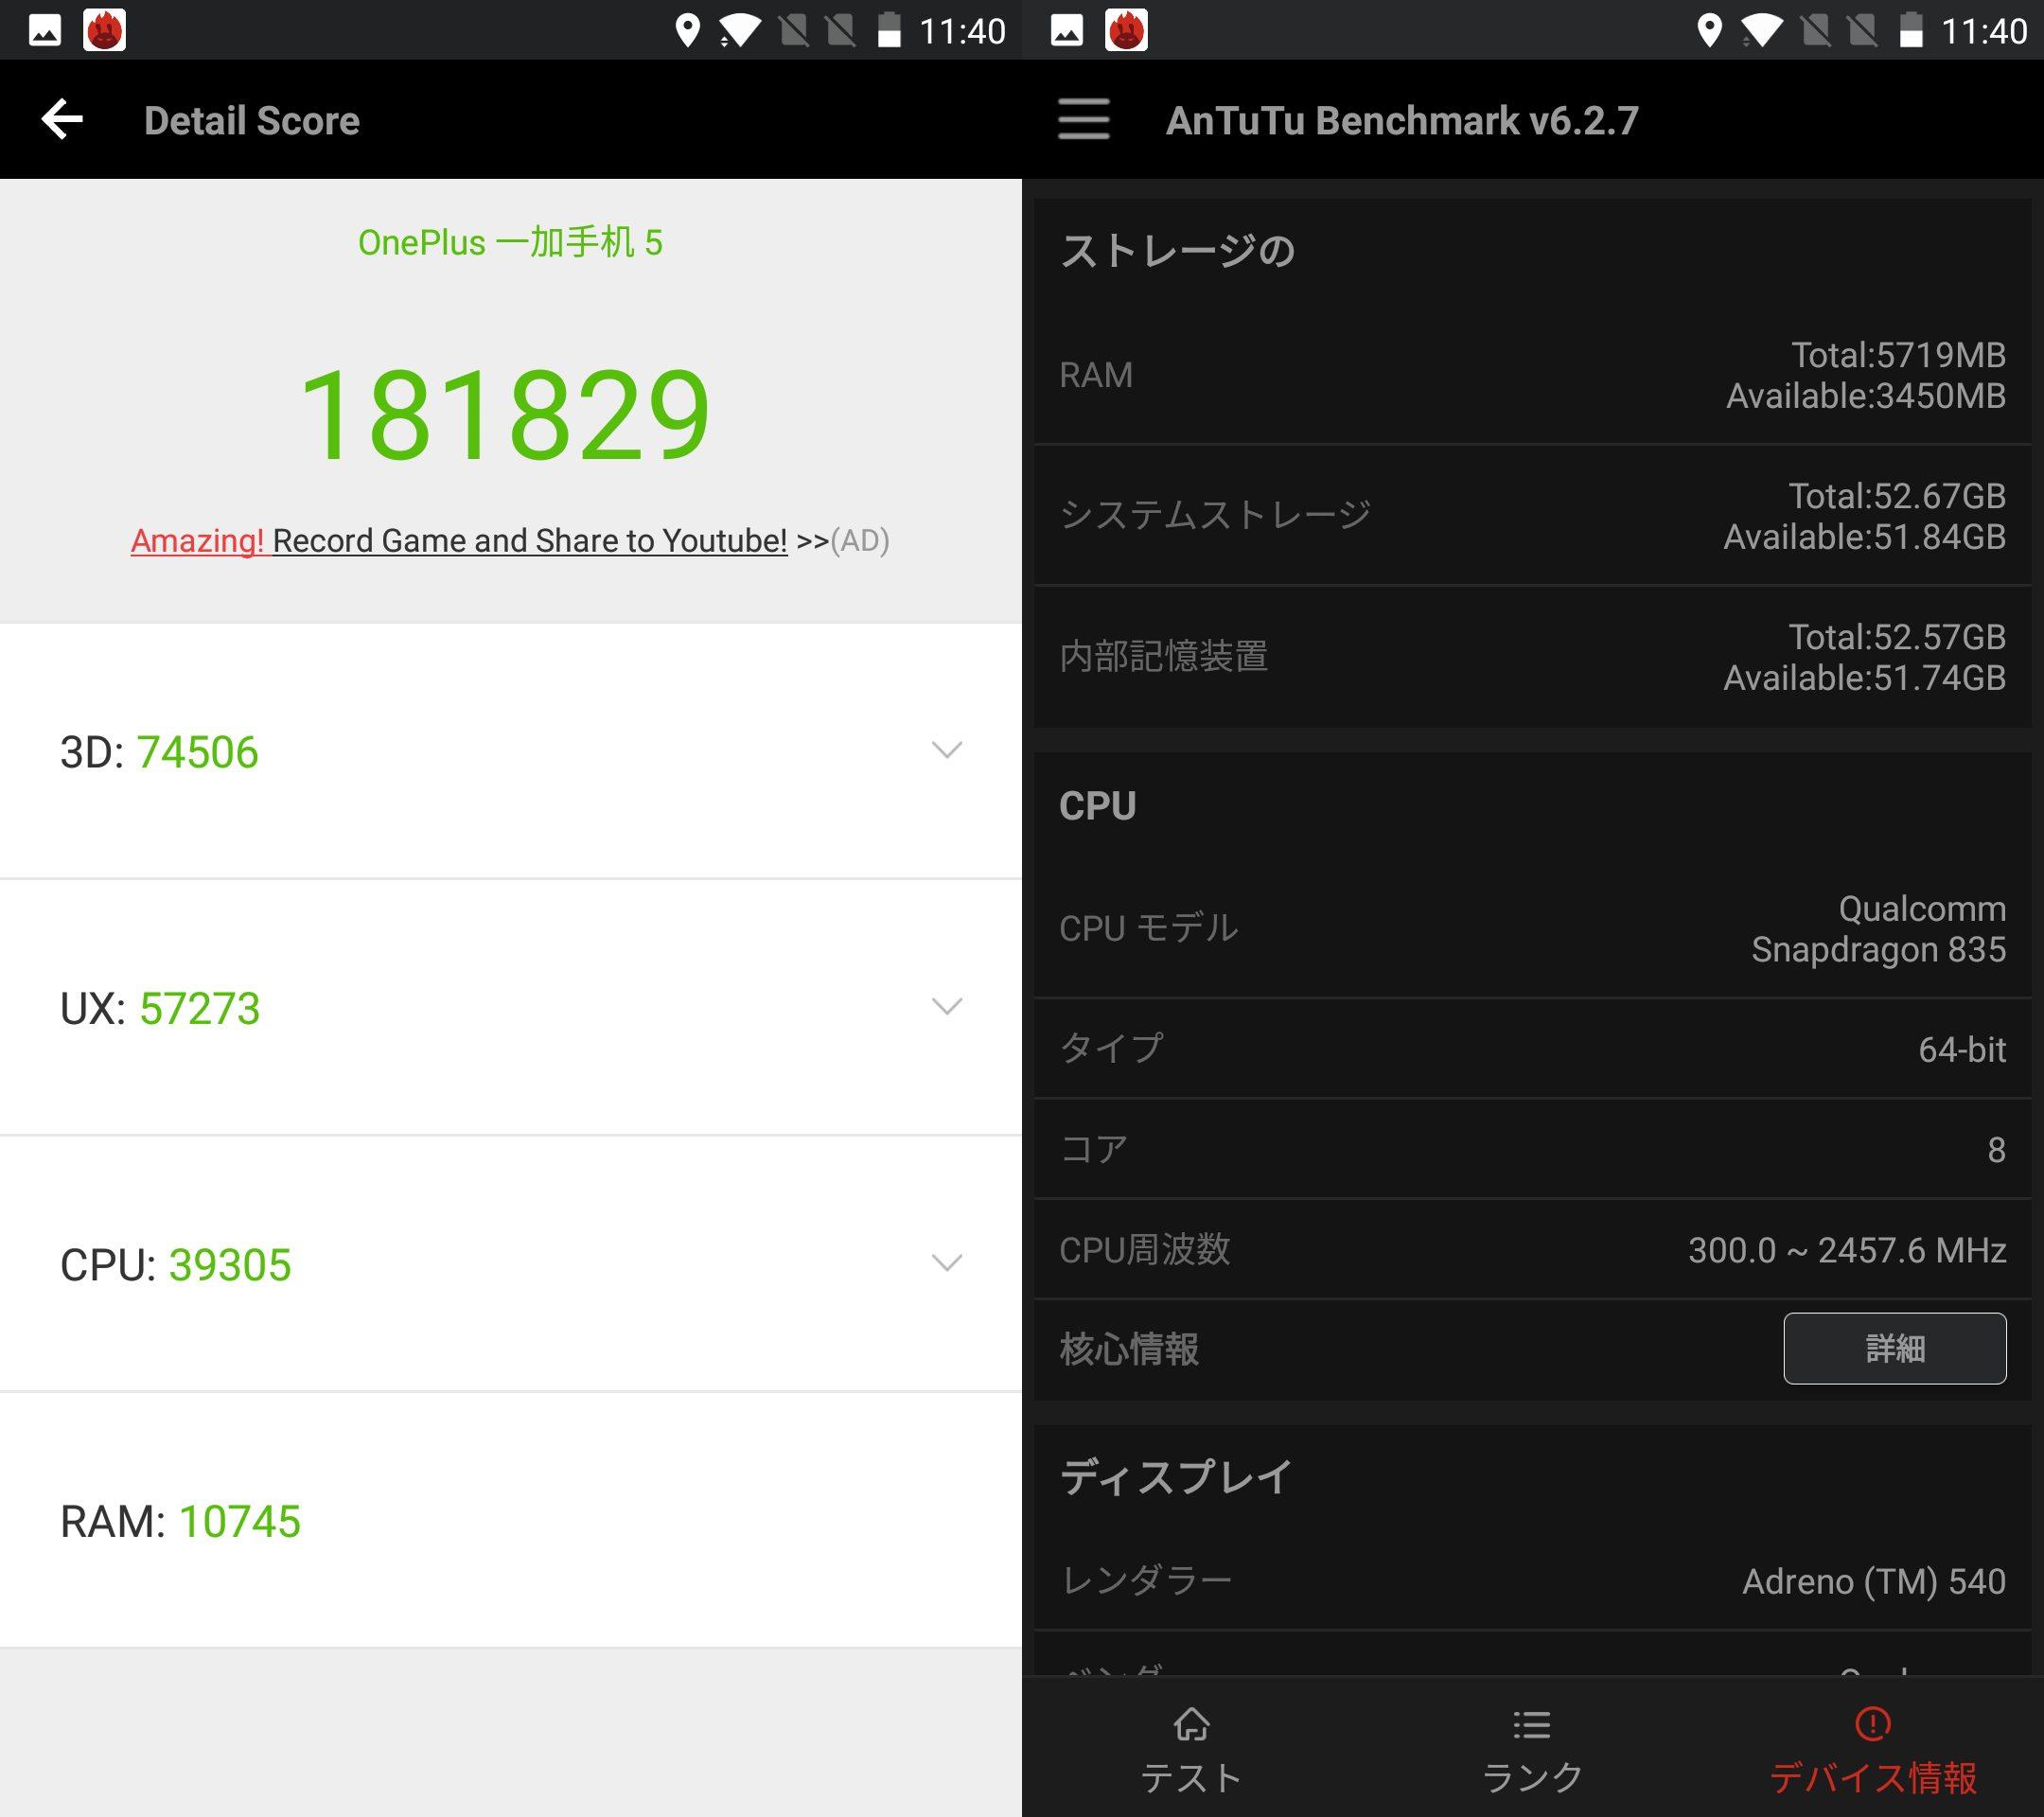 OnePlus 5(Android 7.1.1)実機AnTuTuベンチマークスコアは総合が181829点、3D性能が74506点。